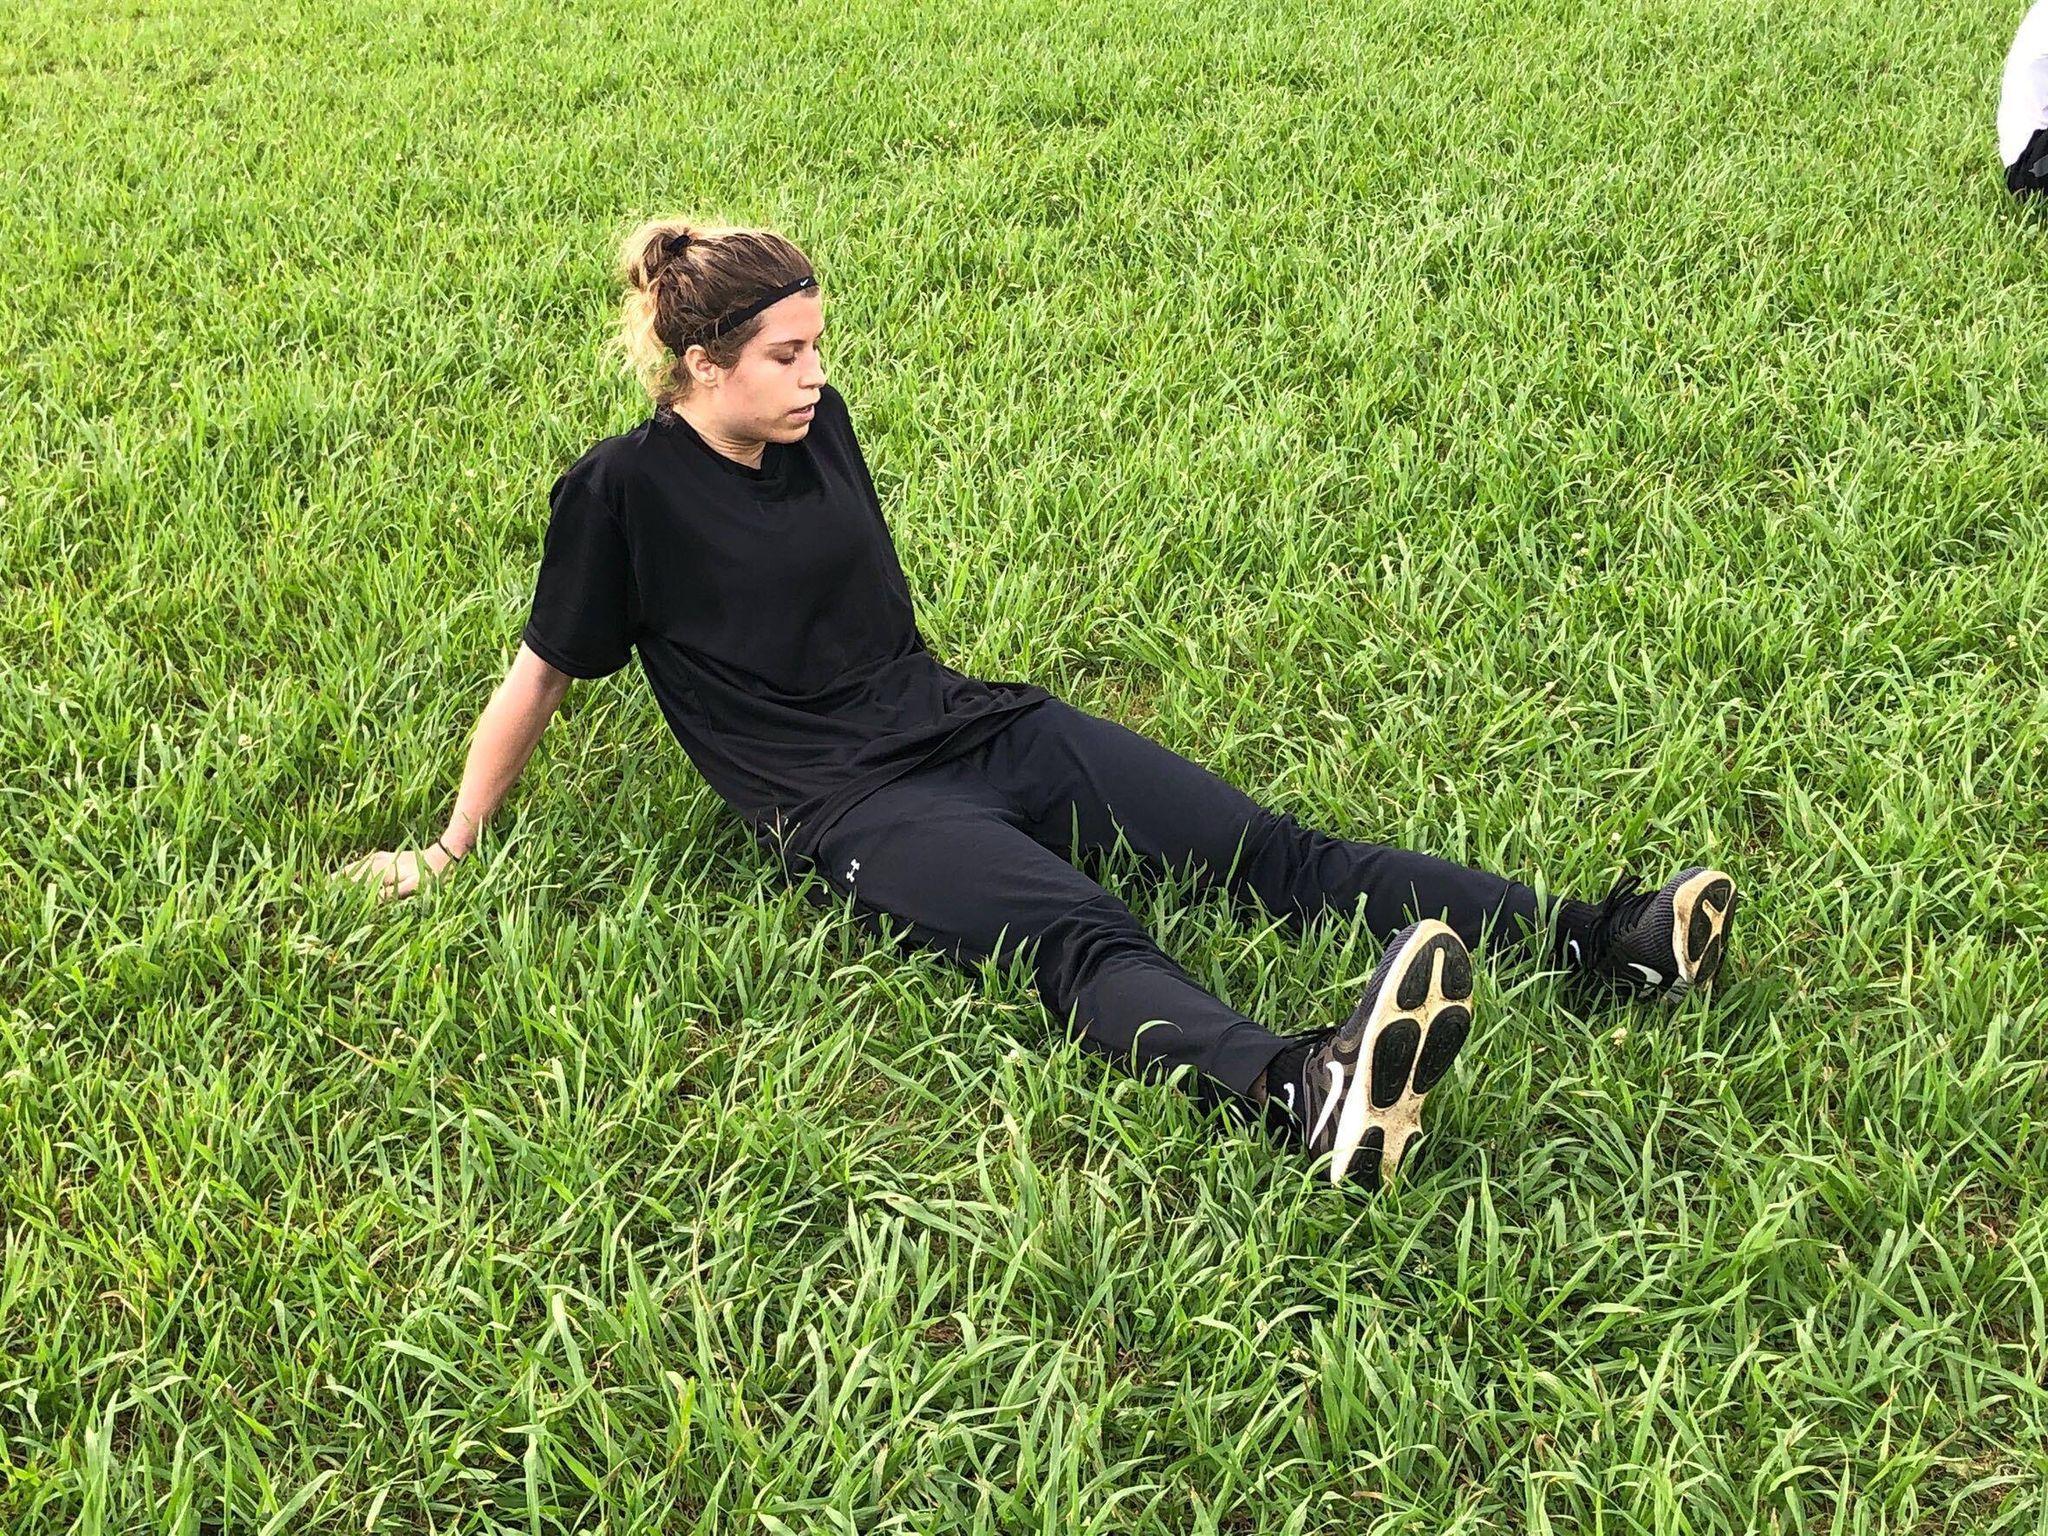 フェデリカさん草むらで座っている